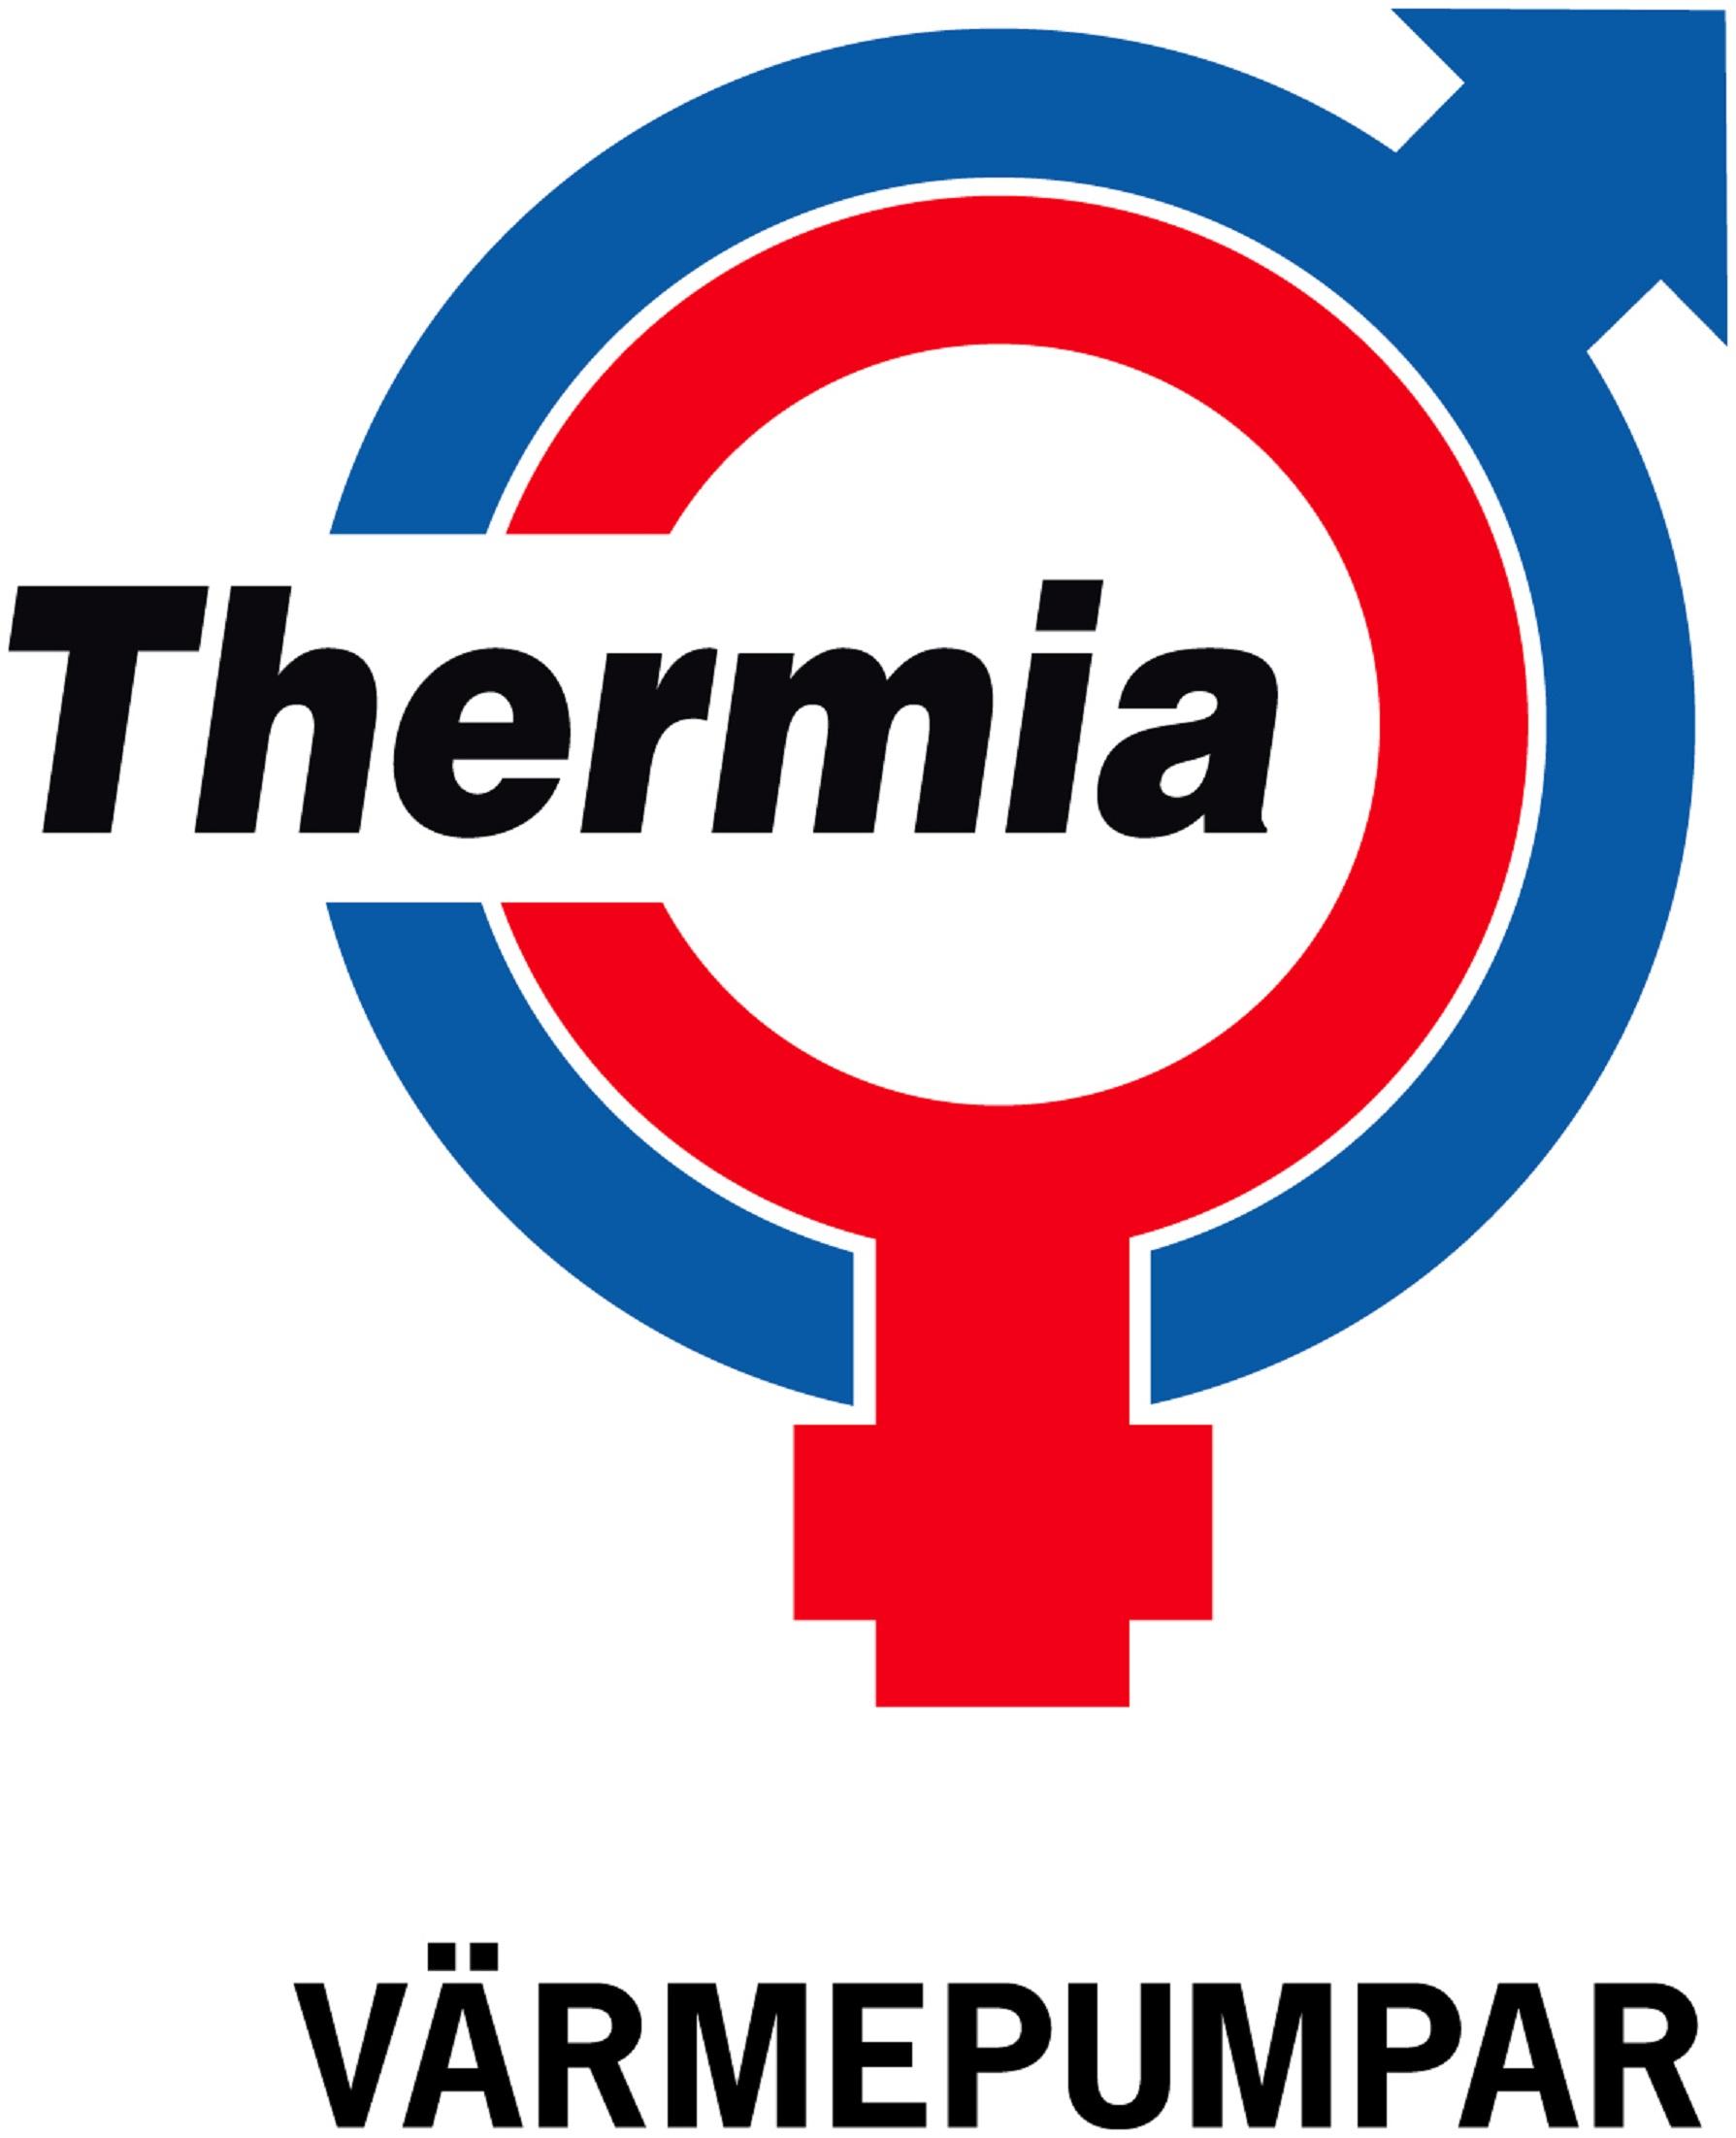 Thermia